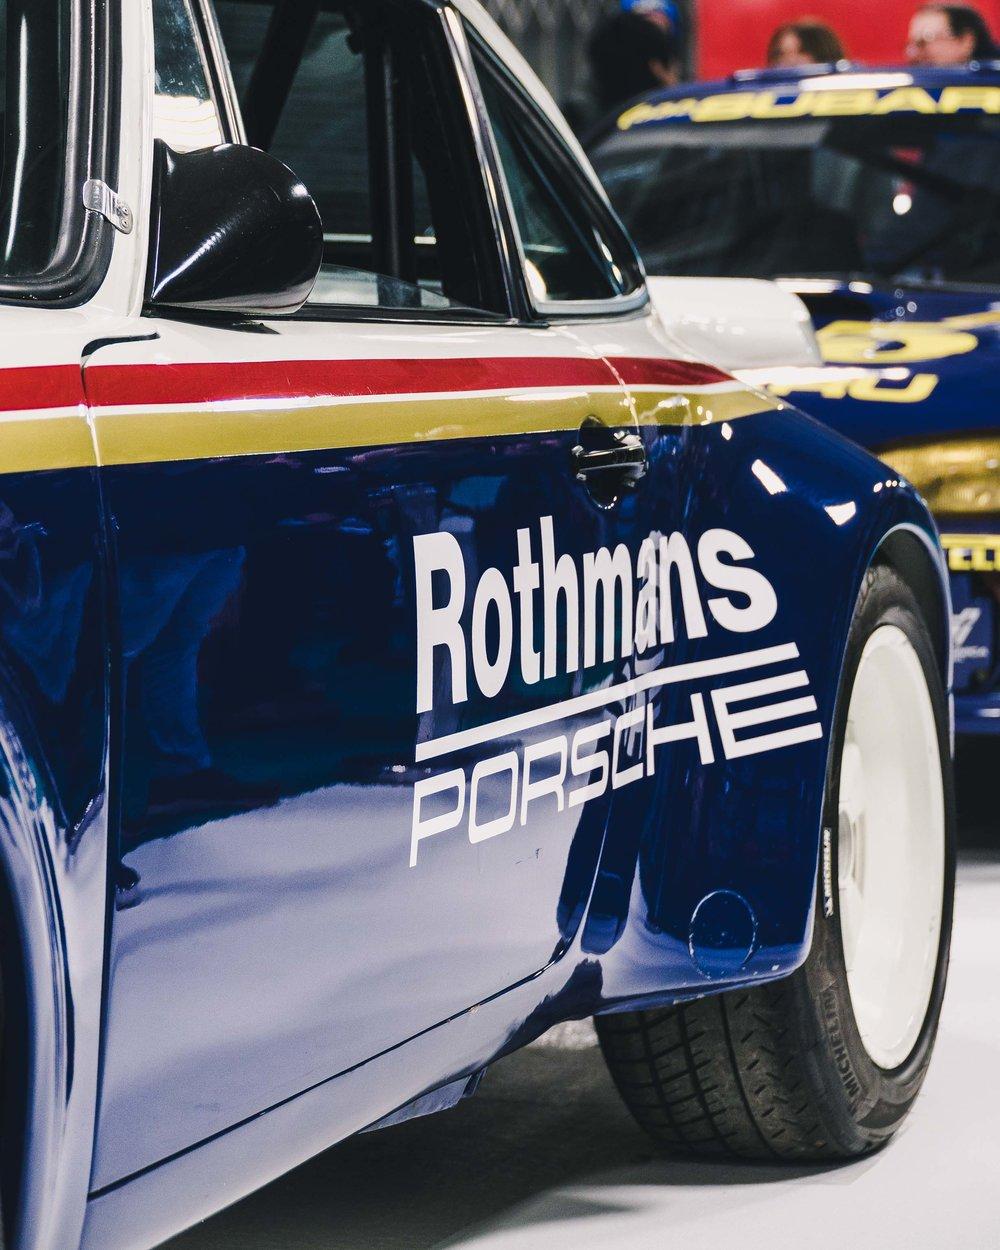 rothmans 911-4.jpg